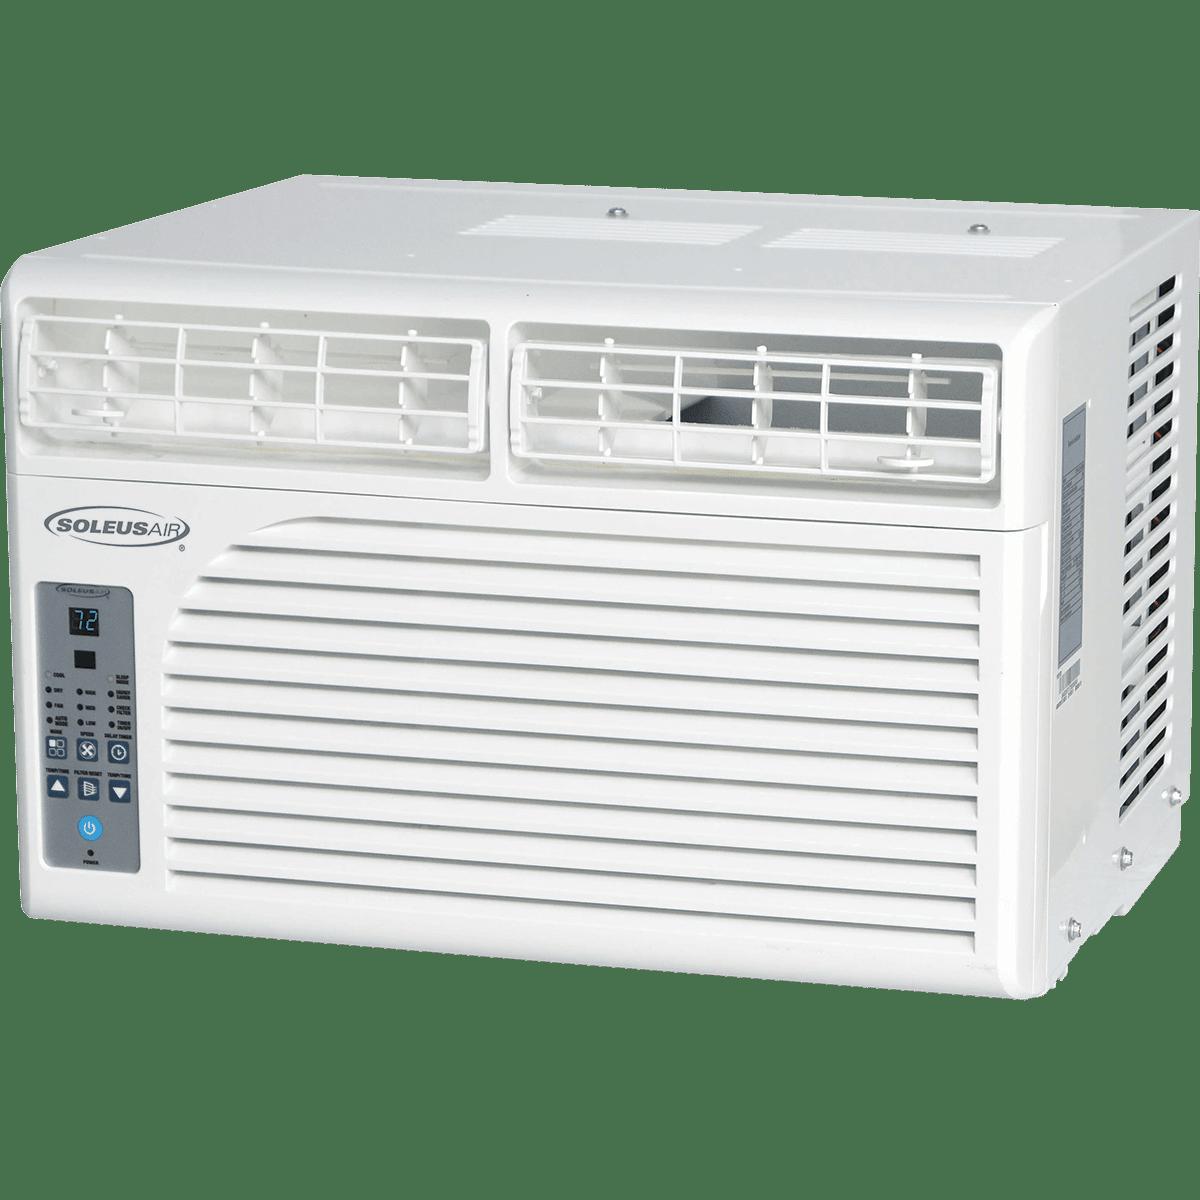 Soleus Air 6,400 BTU Window Air Conditioner so6387